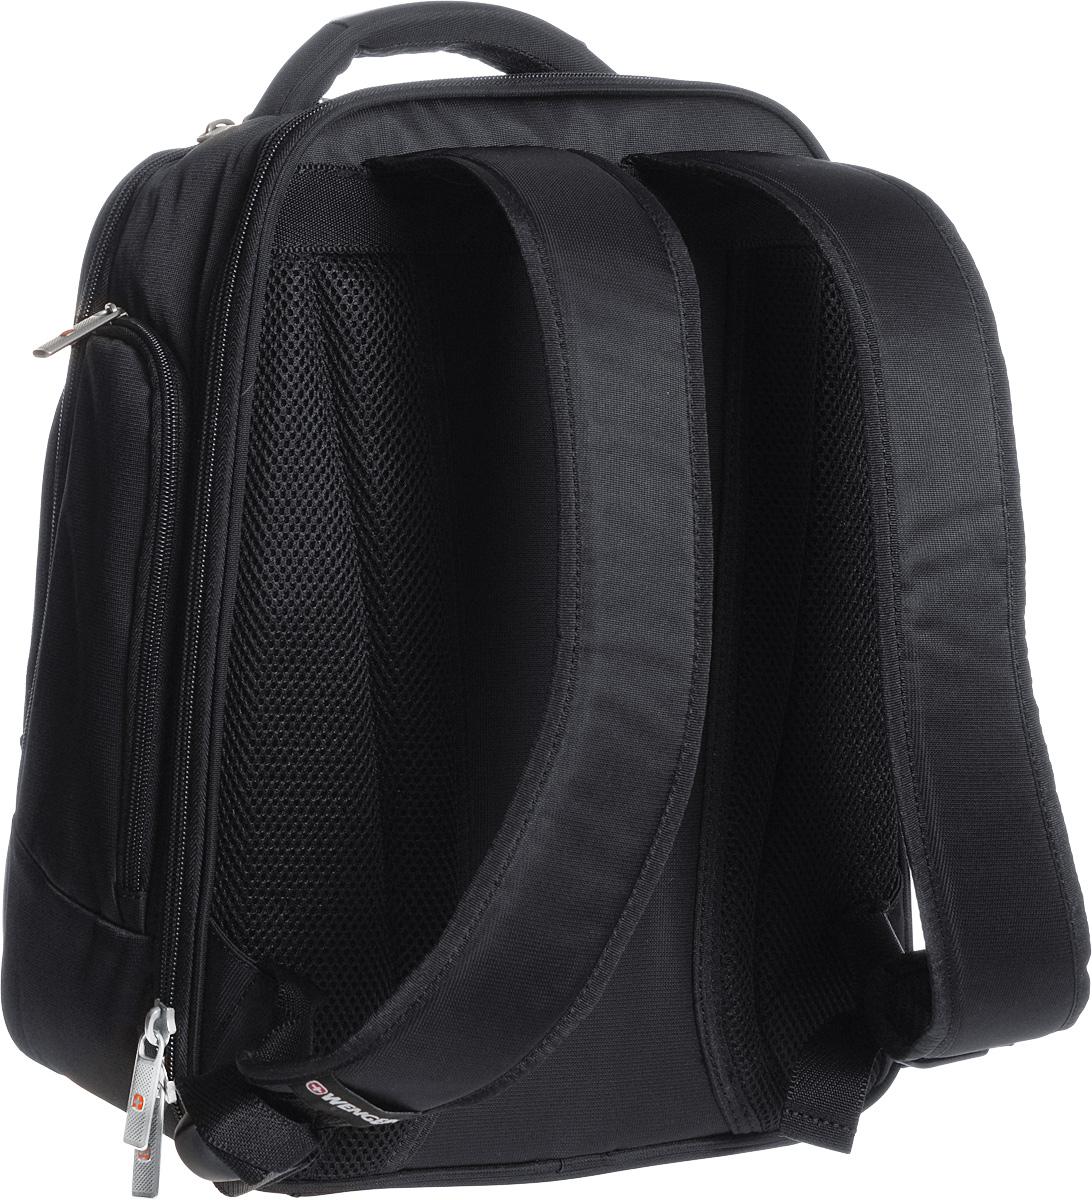 Рюкзак Wenger, цвет: черный, 30 см х 16 см x 38 см, 18 л ( 72992290 )